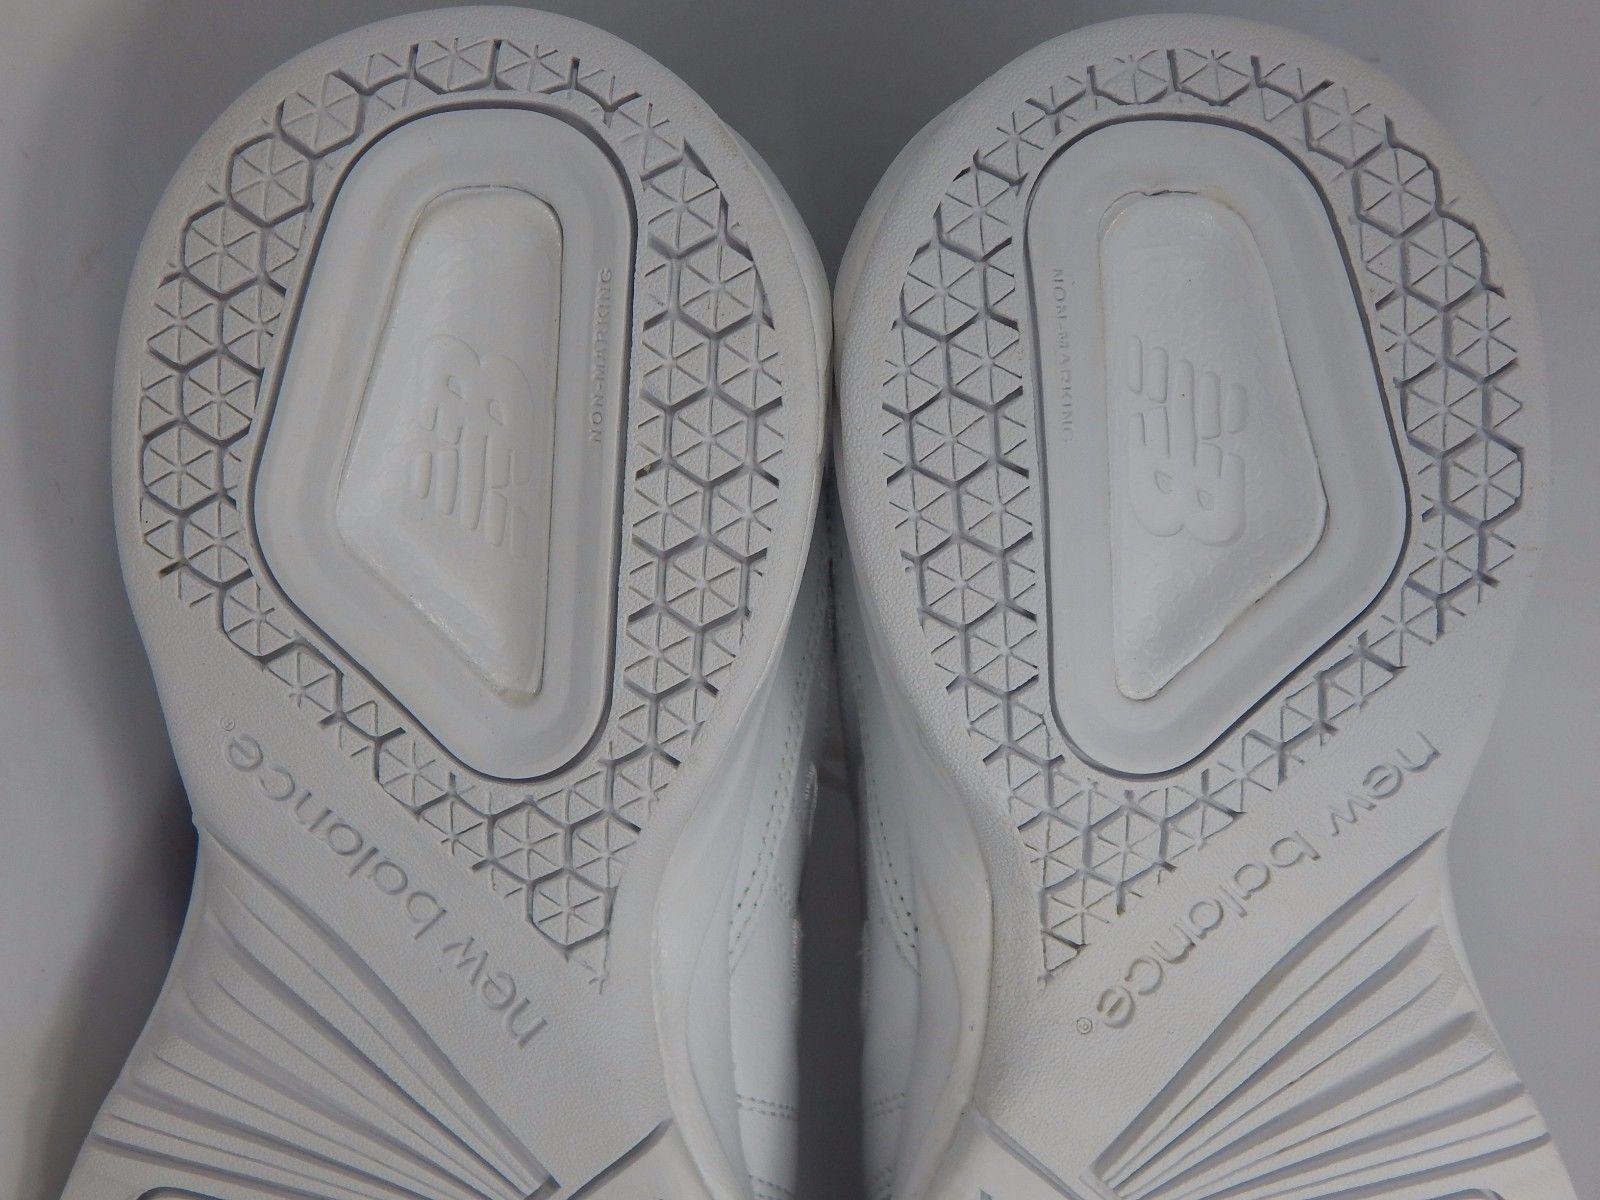 New Balance 609 v3 Men's Training Shoes Sz 10.5 4E EXTRA WIDE EU 44.5 MX609AZ3